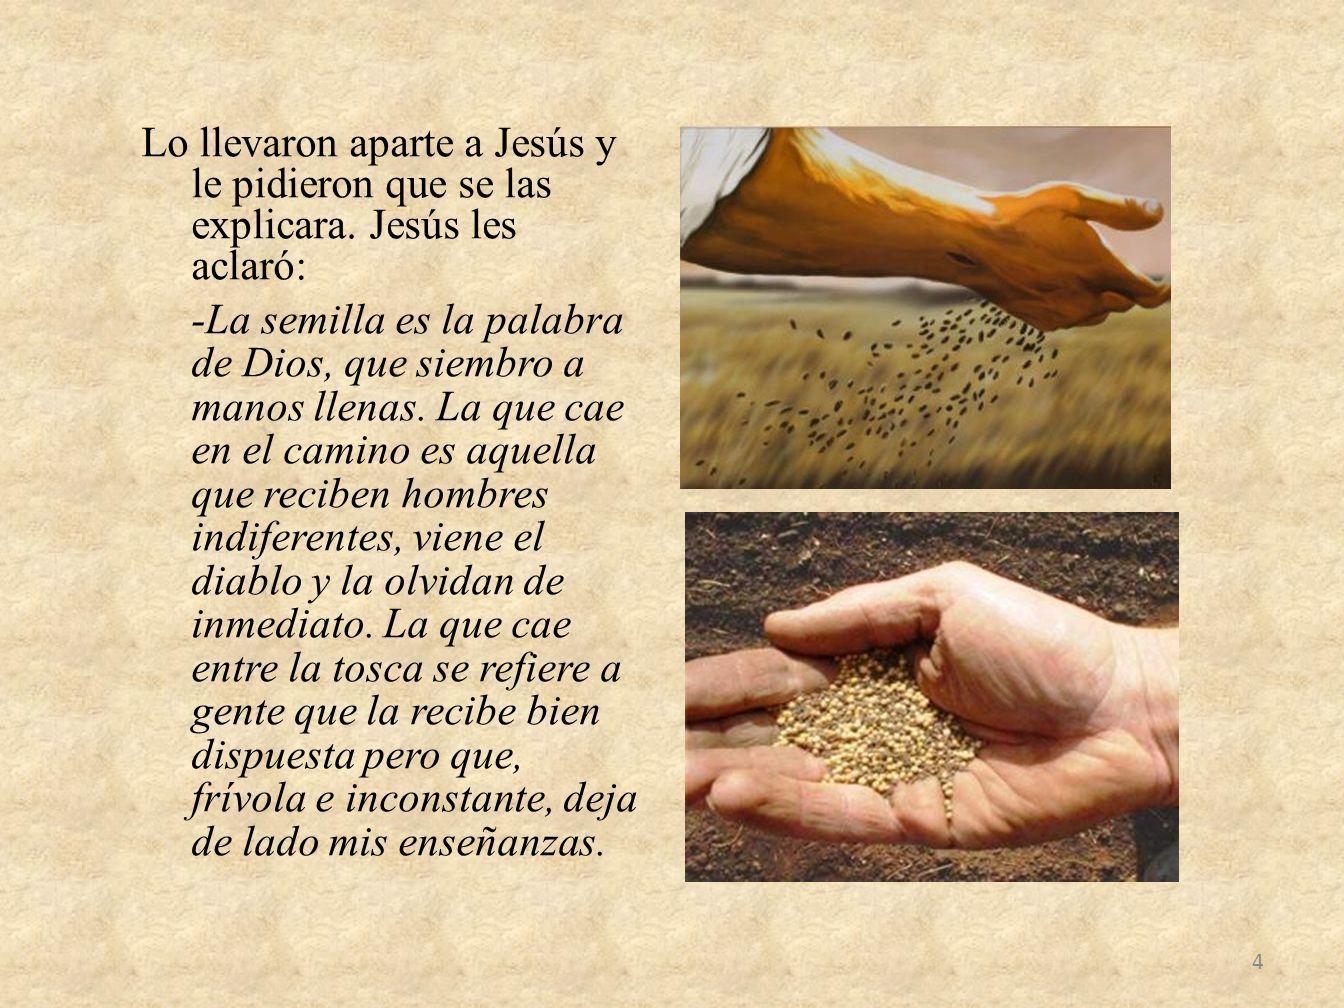 Lo llevaron aparte a Jesús y le pidieron que se las explicara. Jesús les aclaró: -La semilla es la palabra de Dios, que siembro a manos llenas. La que